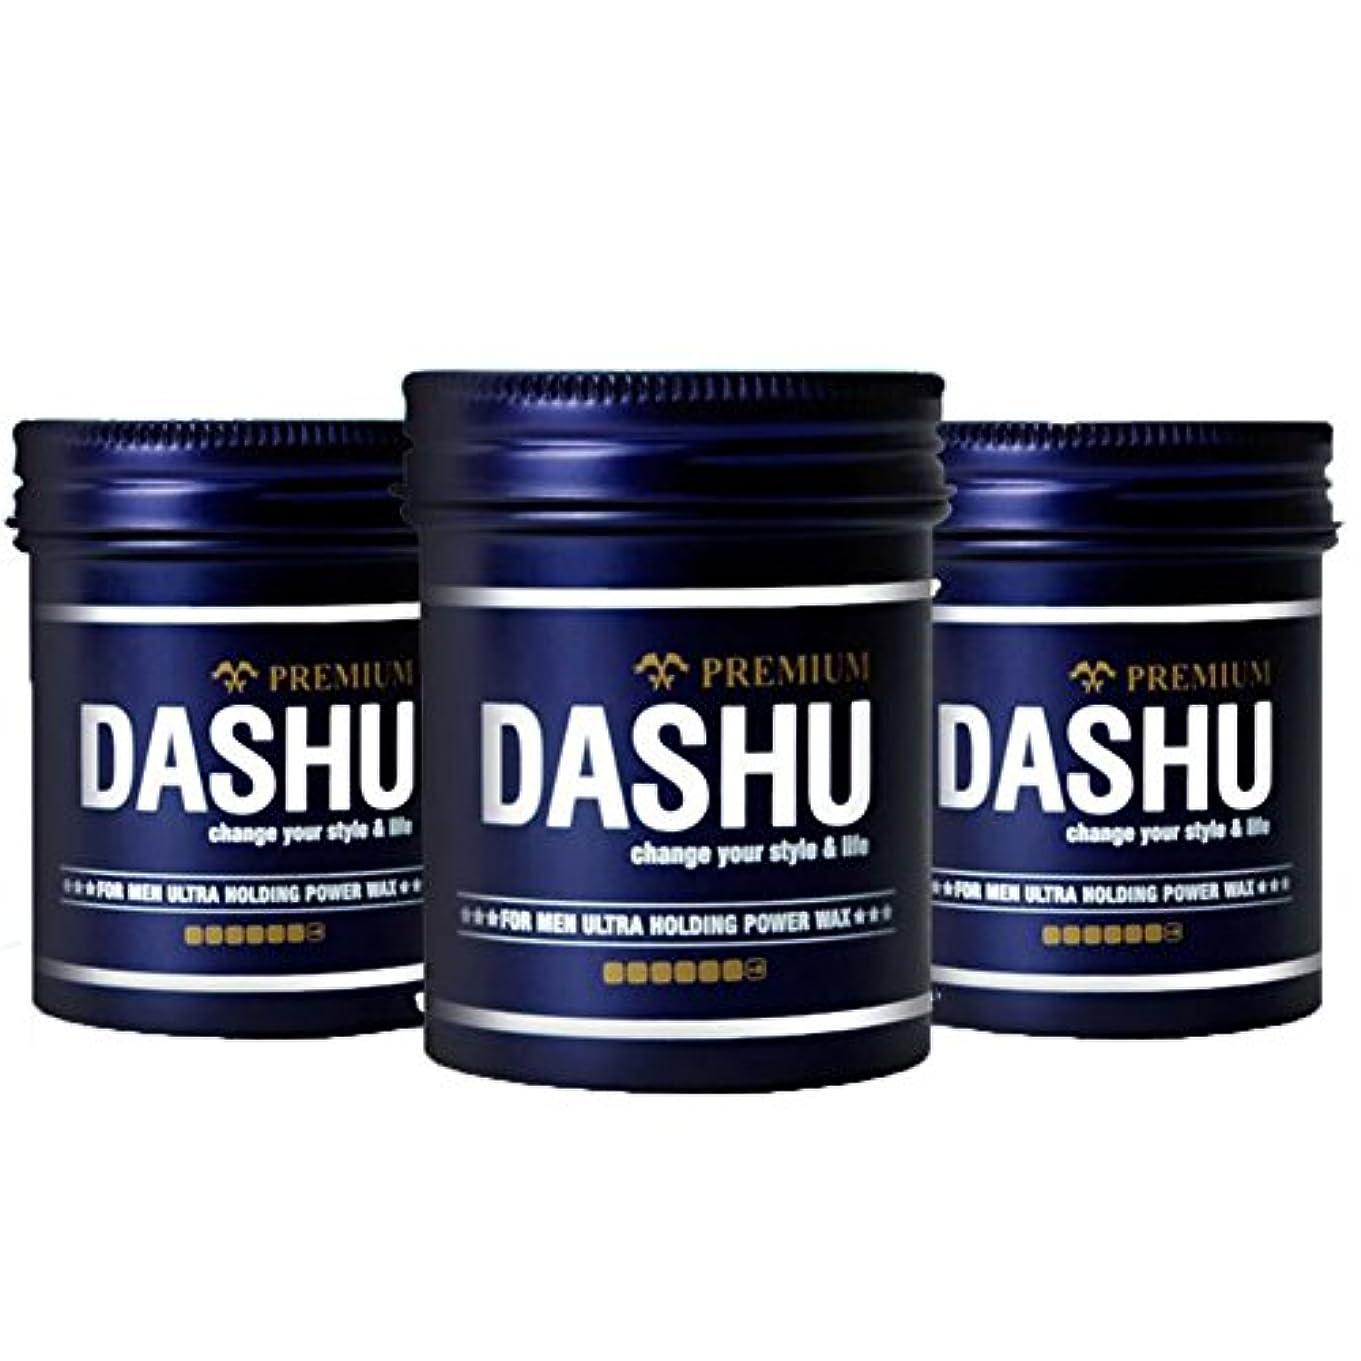 入学する流暢リム(3個セット) x [DASHU] ダシュ For Men男性用 プレミアムウルトラホールディングパワーワックス Premium Ultra Holding Power Hair Wax 100m l/ 韓国製 . 韓国直送品